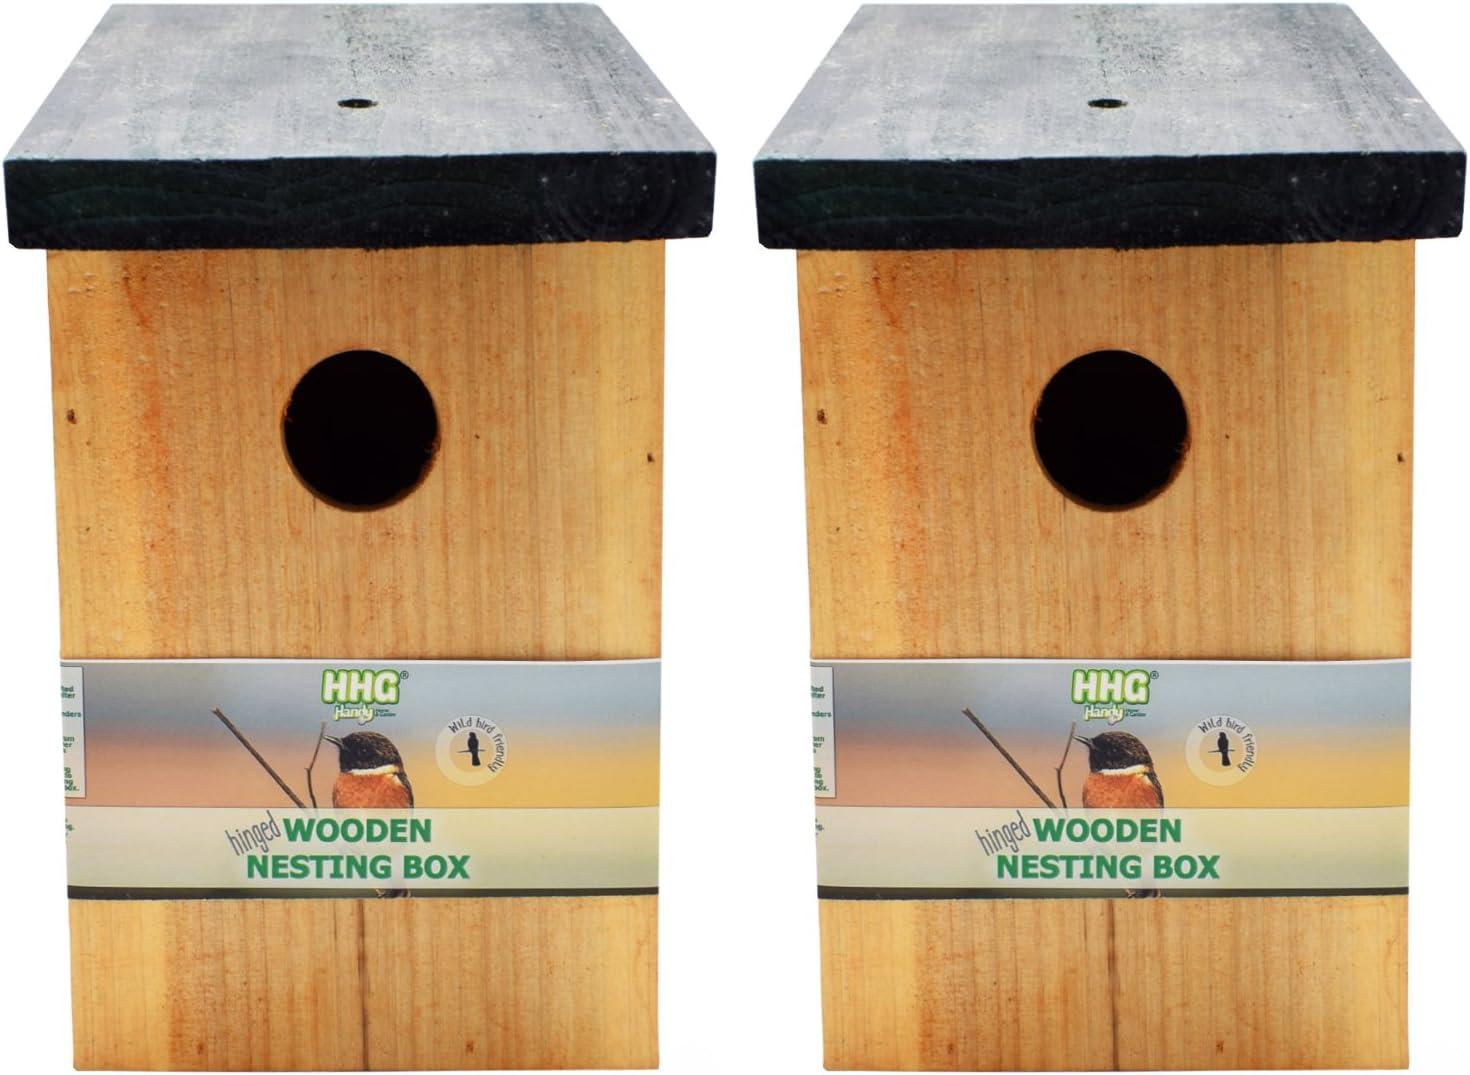 2 x Handy Home and Garden Caja Nido de Madera con Madera Tratada a Presión para Aves Silvestres y de Jardín HHGBF017